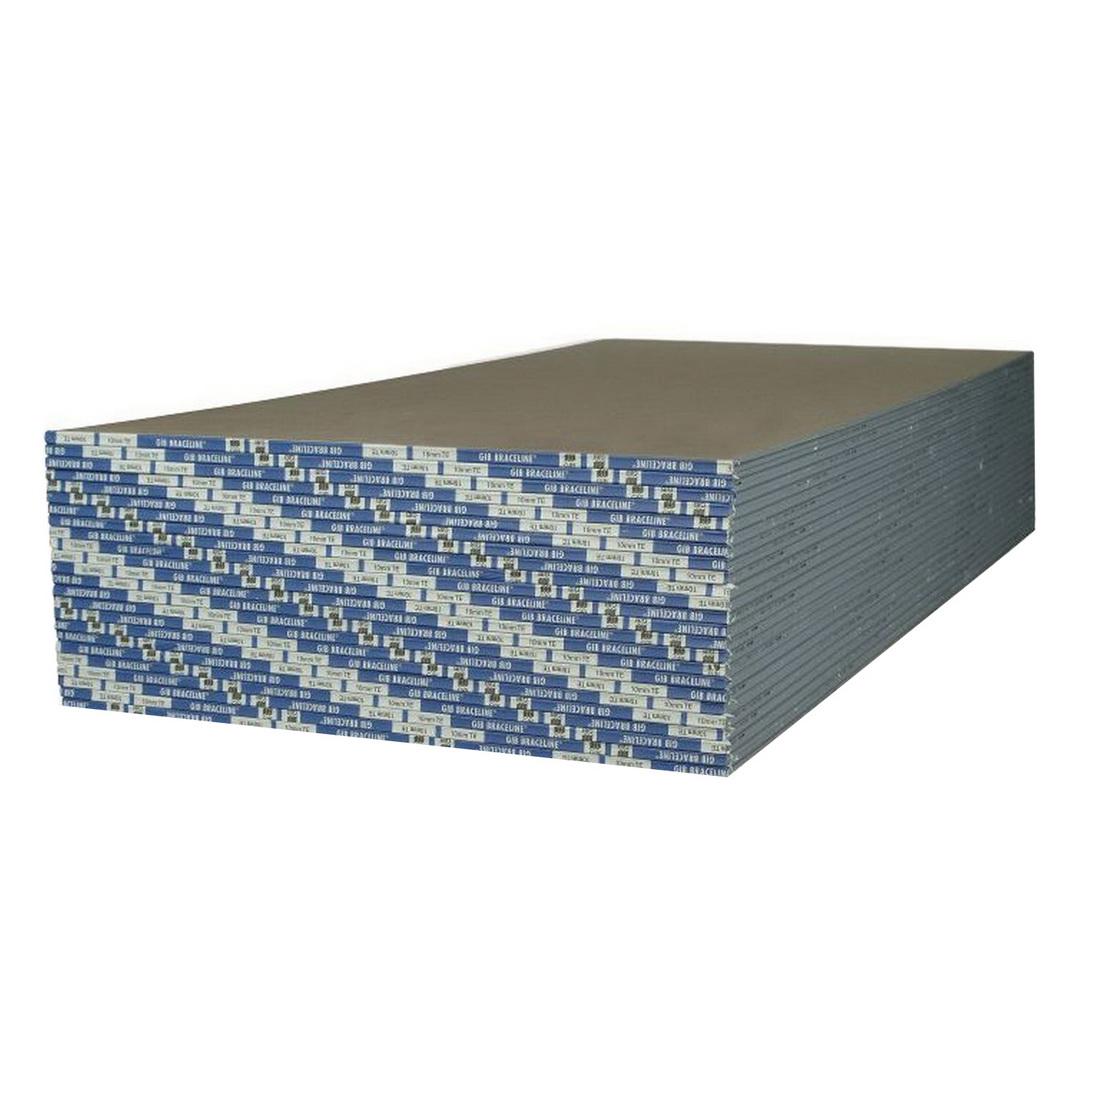 Braceline Noiseline Plasterboard 2400 x 1200 x 13mm 15060